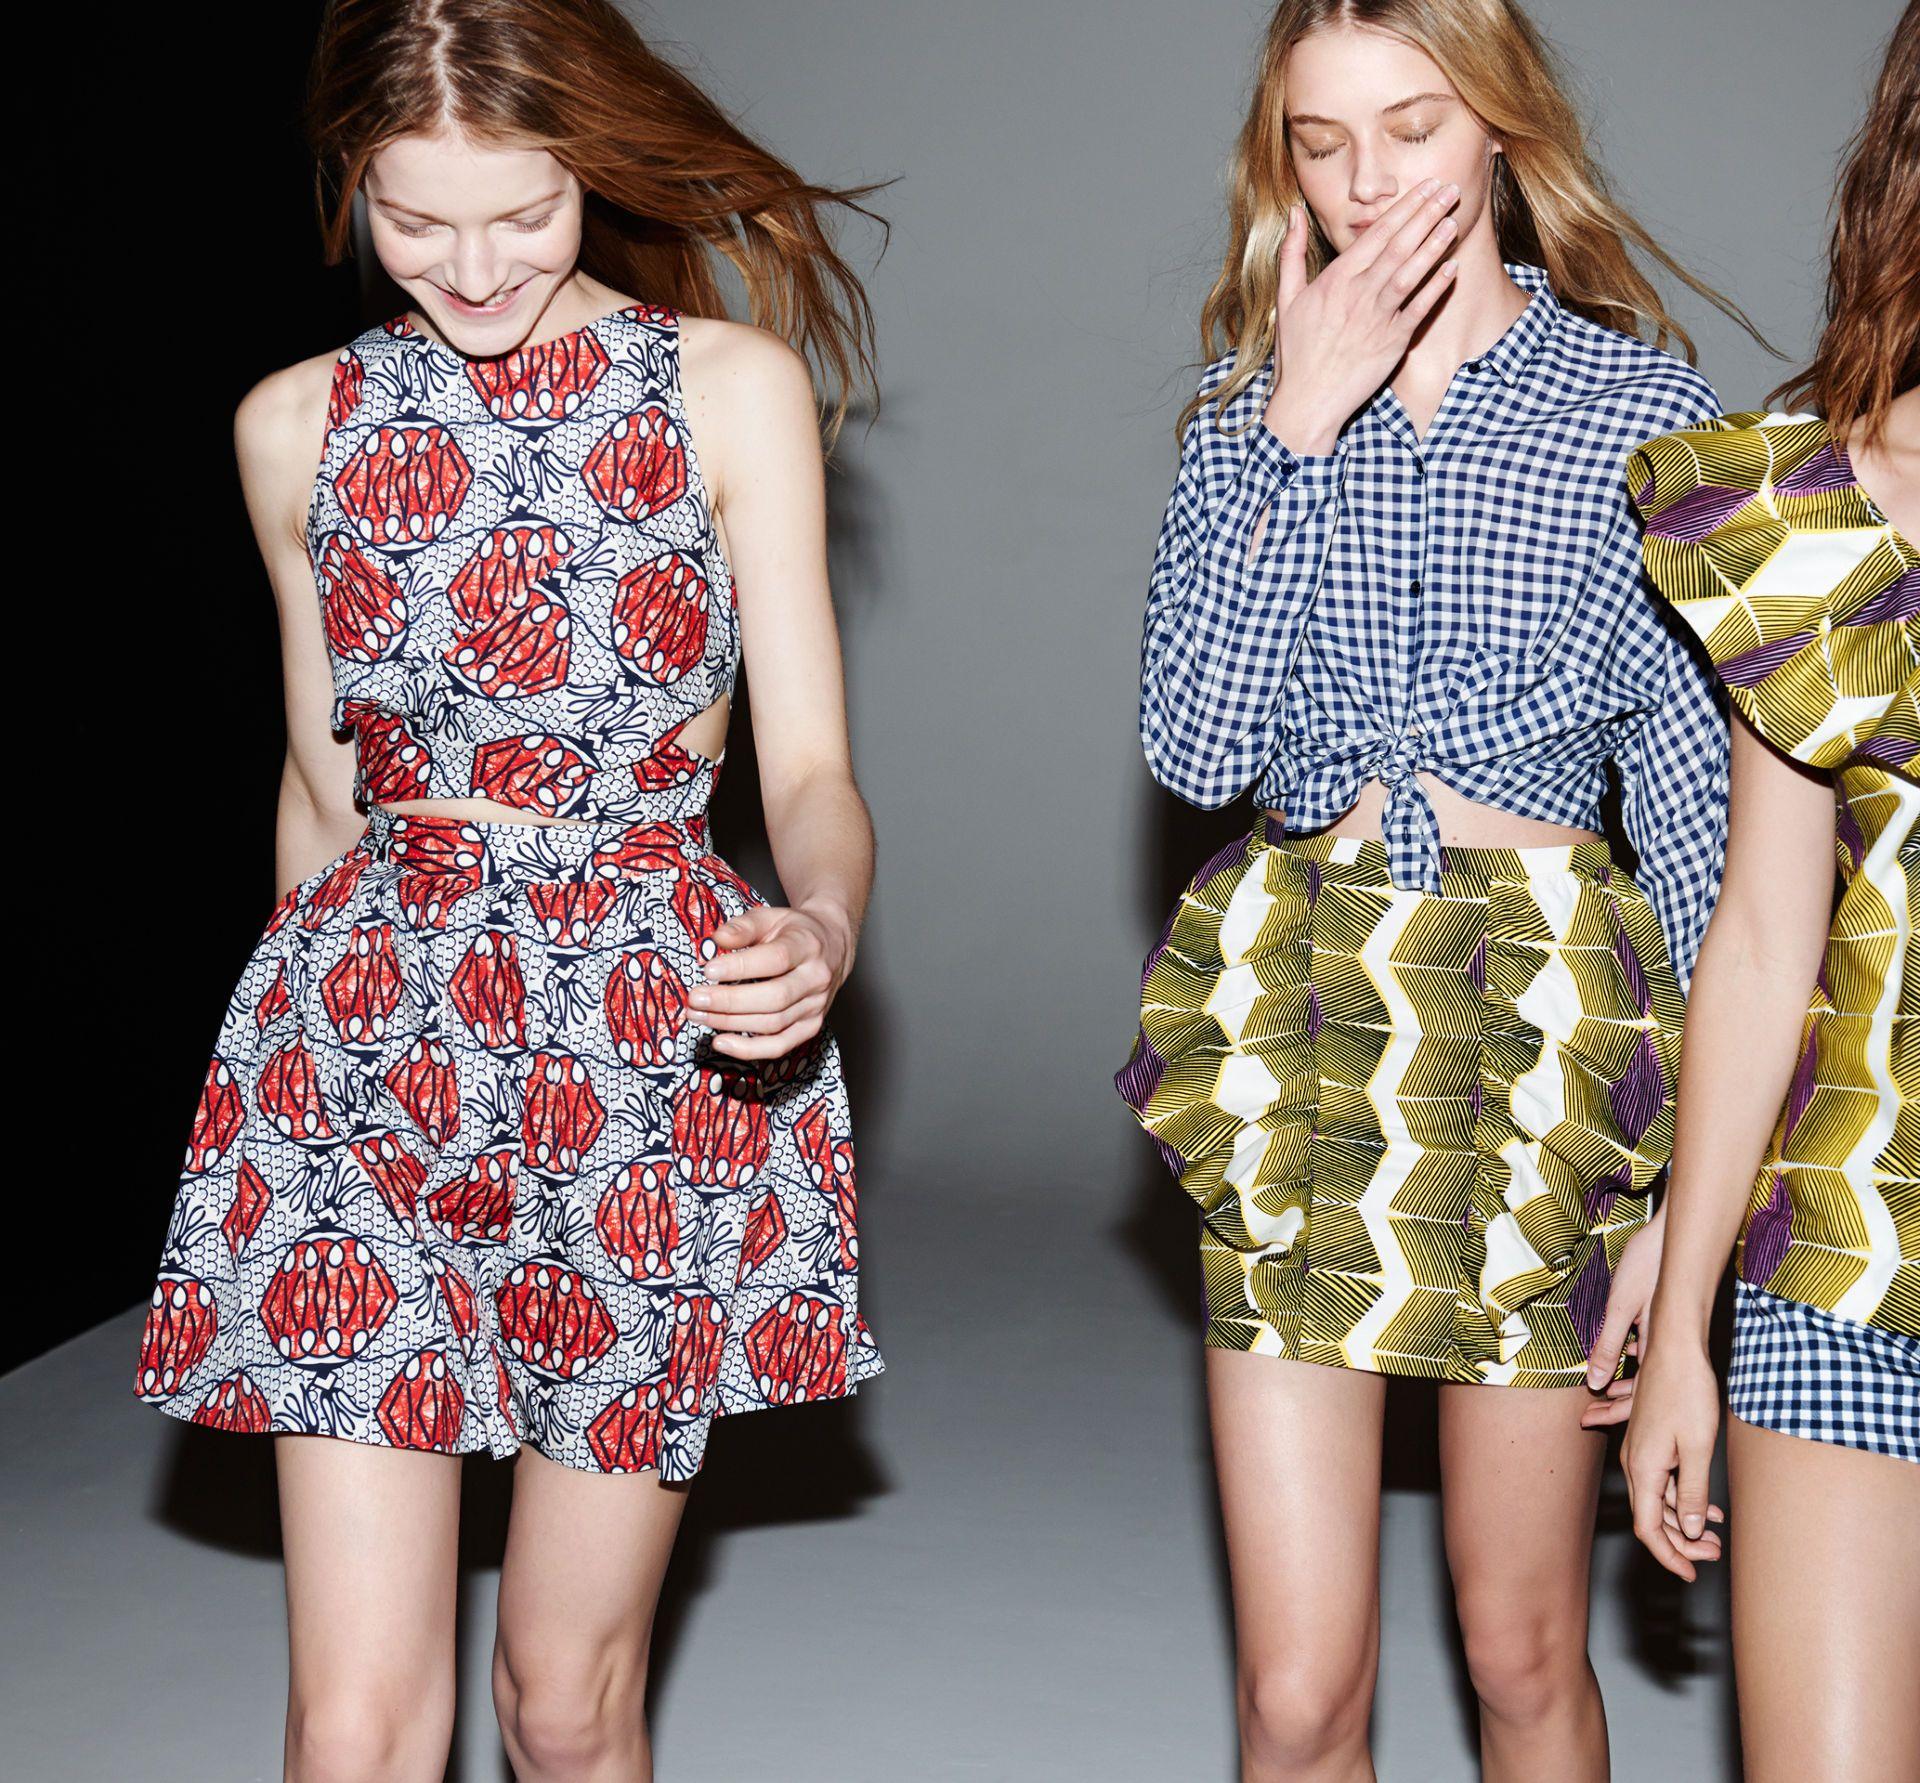 Renta de la oscar pre-fall collection, Wear you Would Sheerblocked heels?